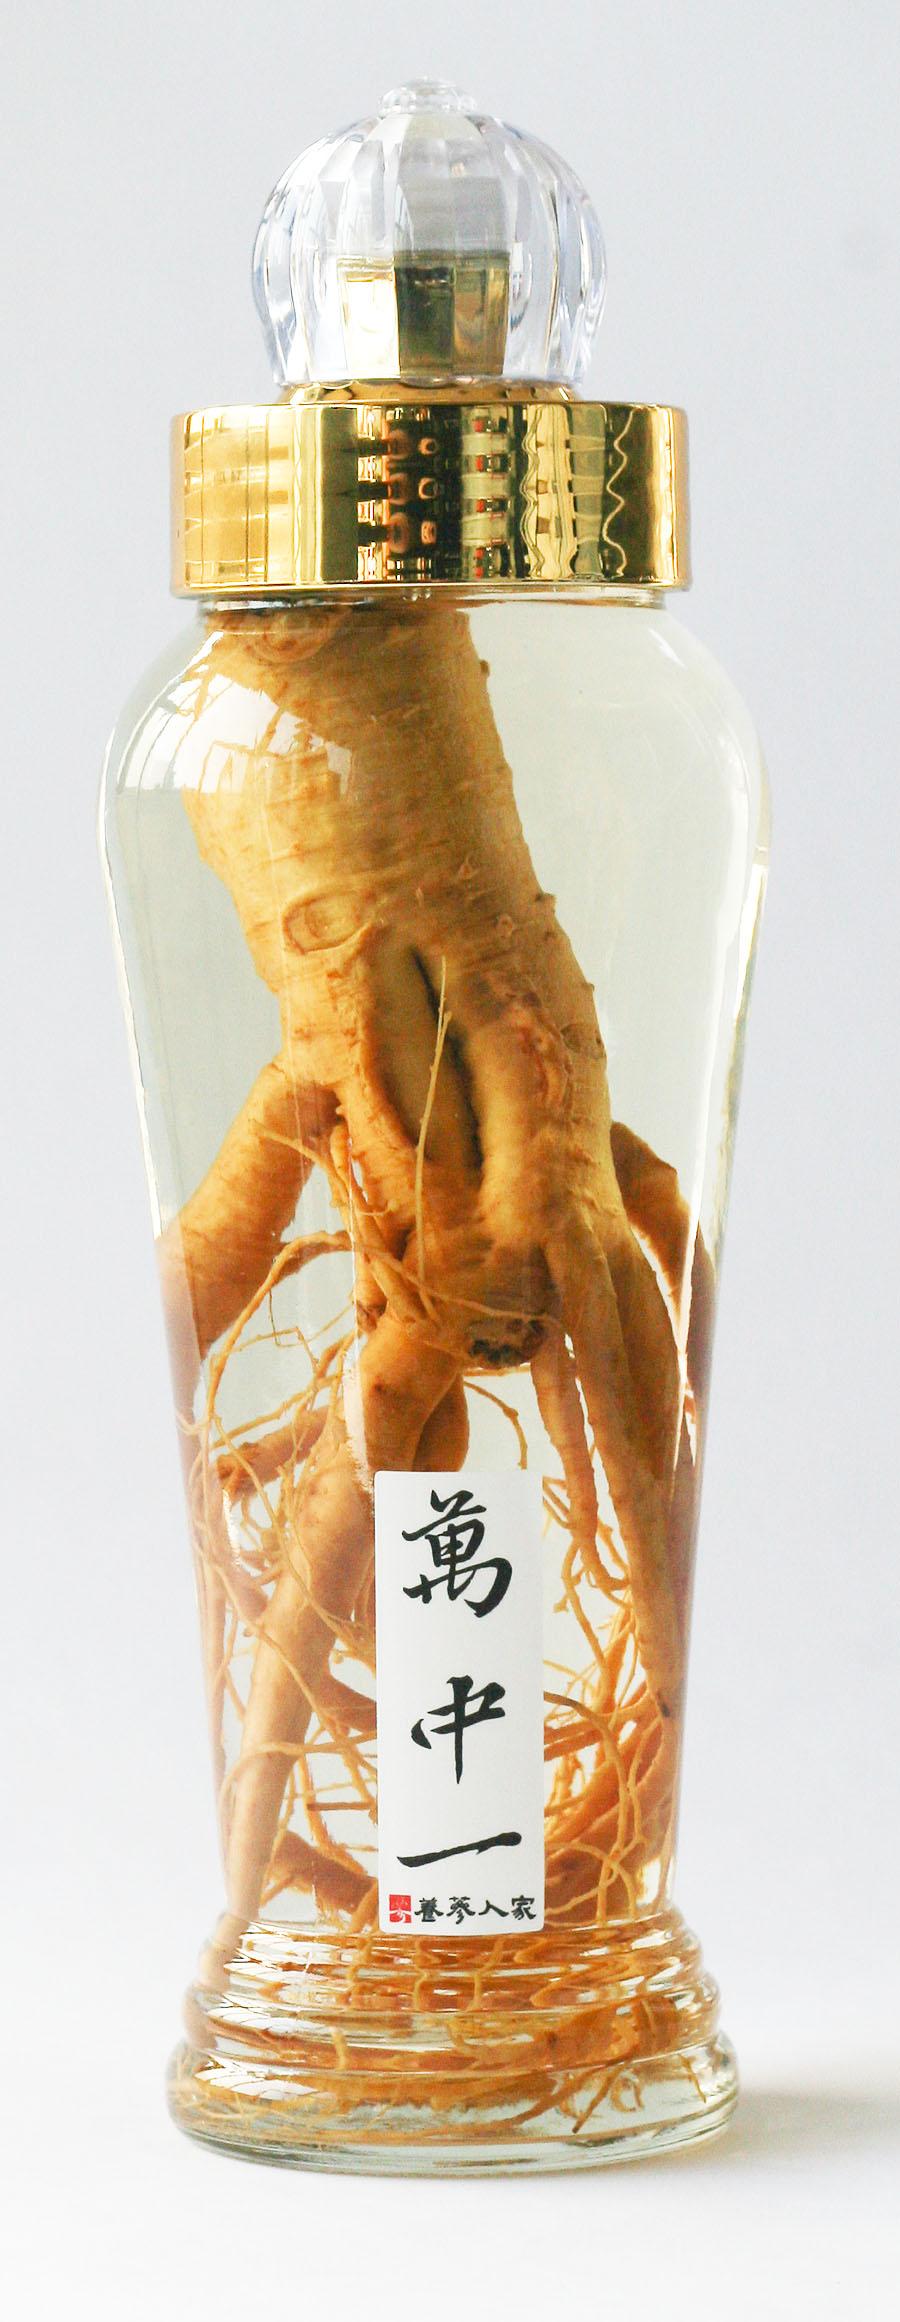 韓國原裝進口 DIY泡酒專用空瓶/玻璃瓶身/1200ml (不含酒,不含蔘!)